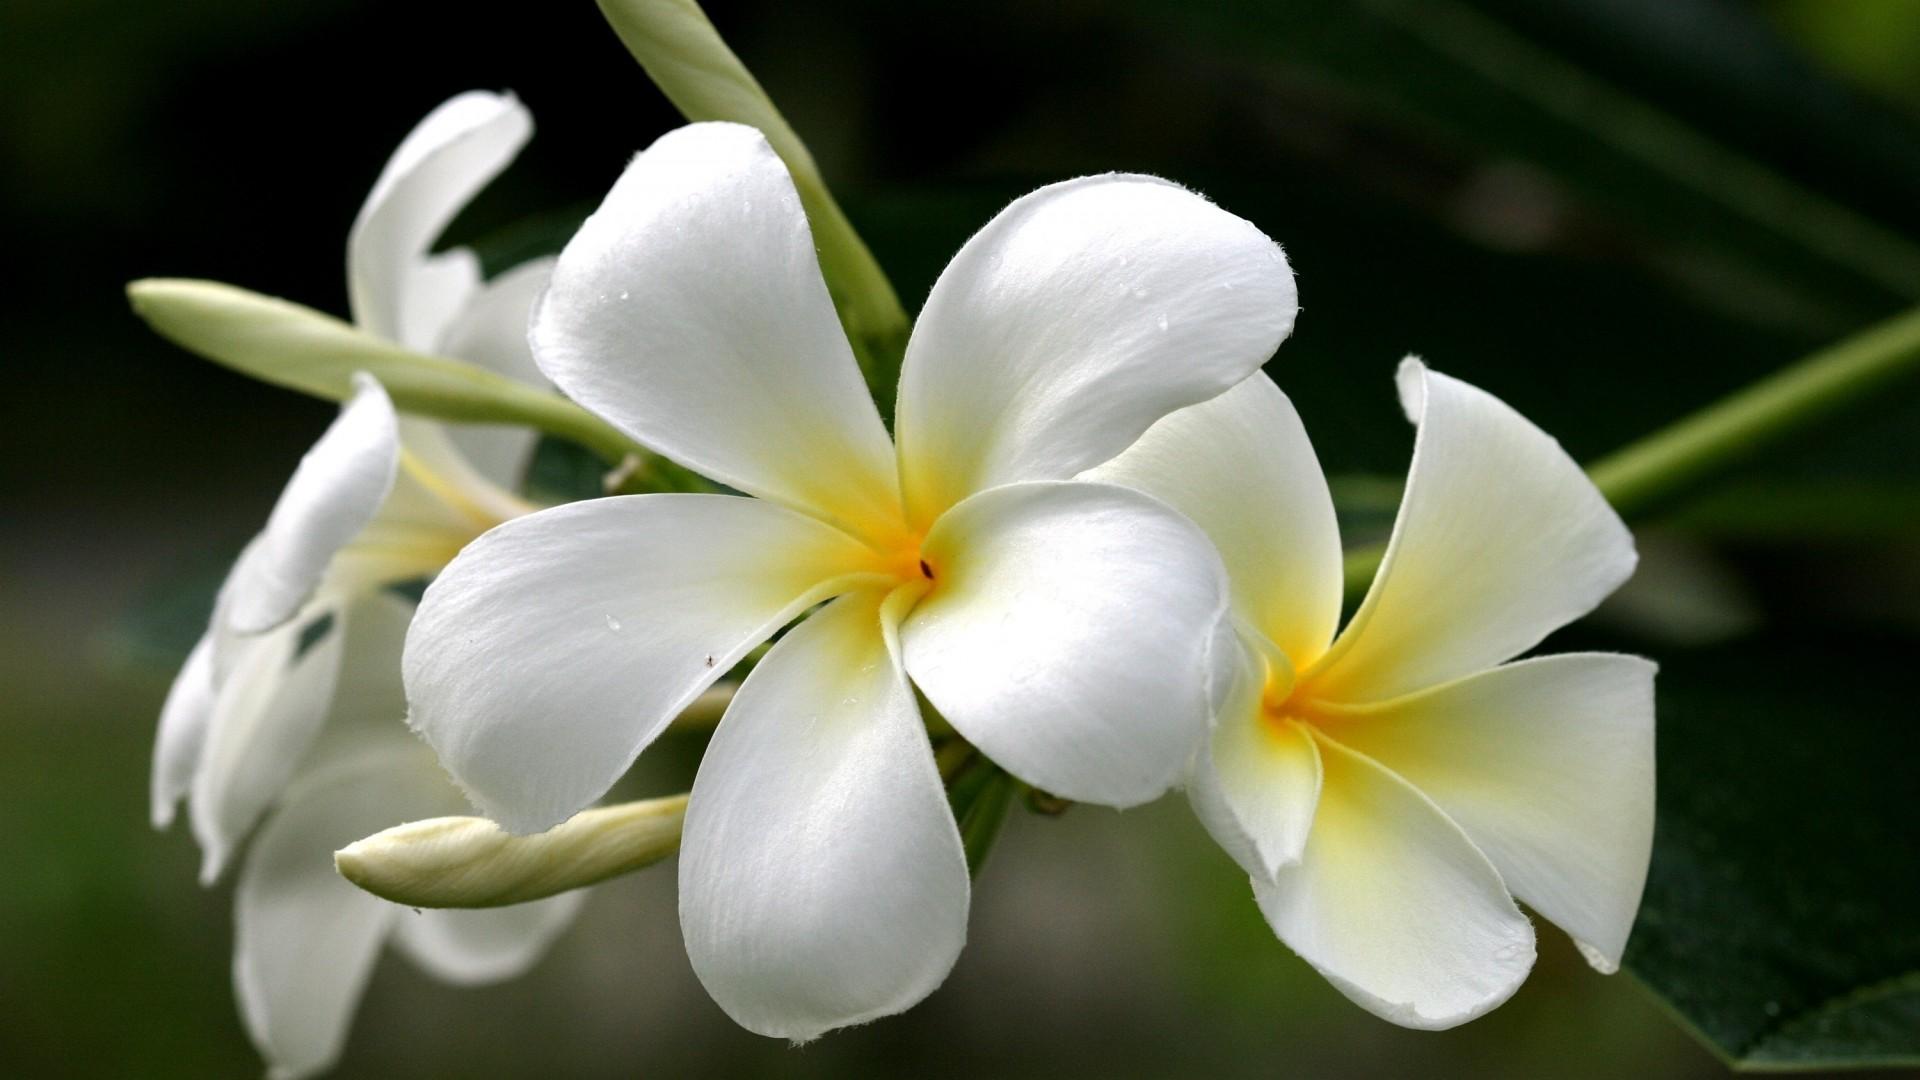 Flowers Plumeria Frangipani Yellow White Wallpaper 1920x1080